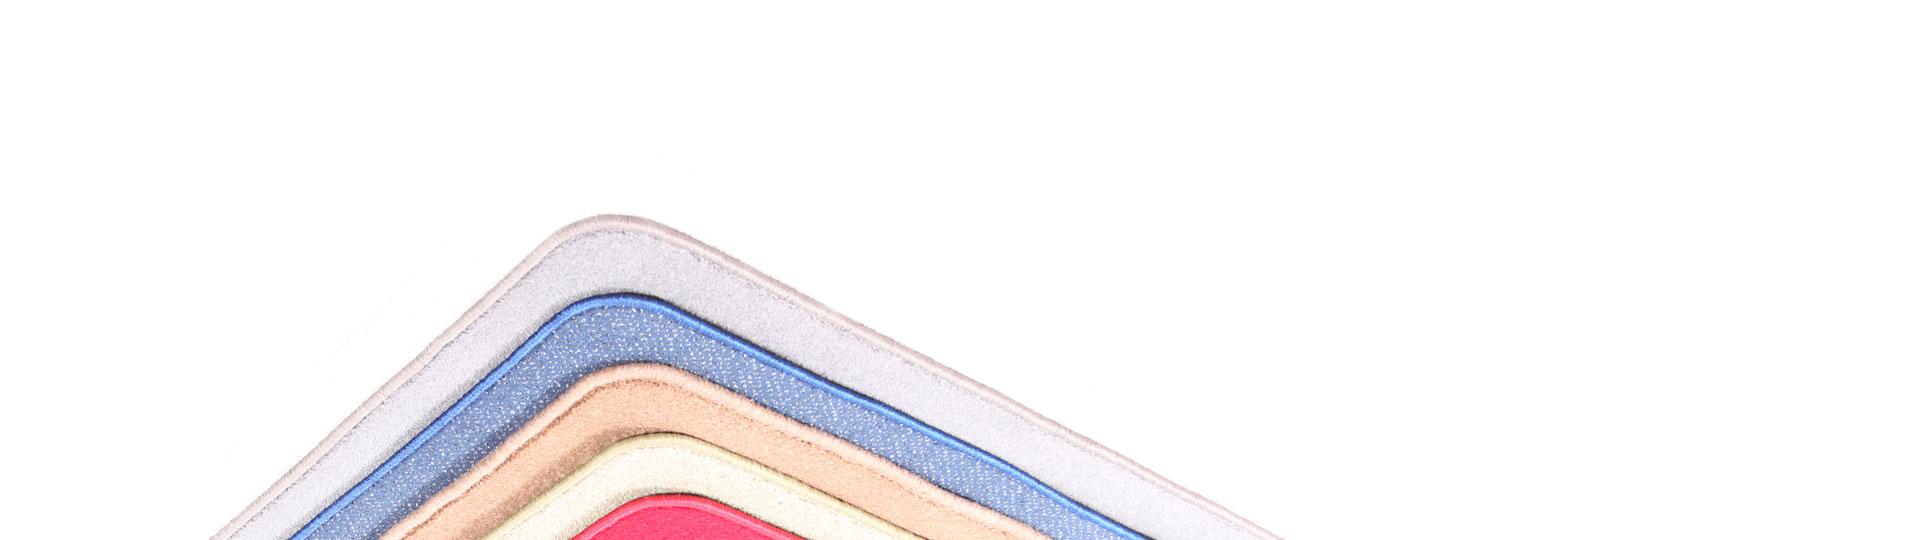 karpet king carpet samples